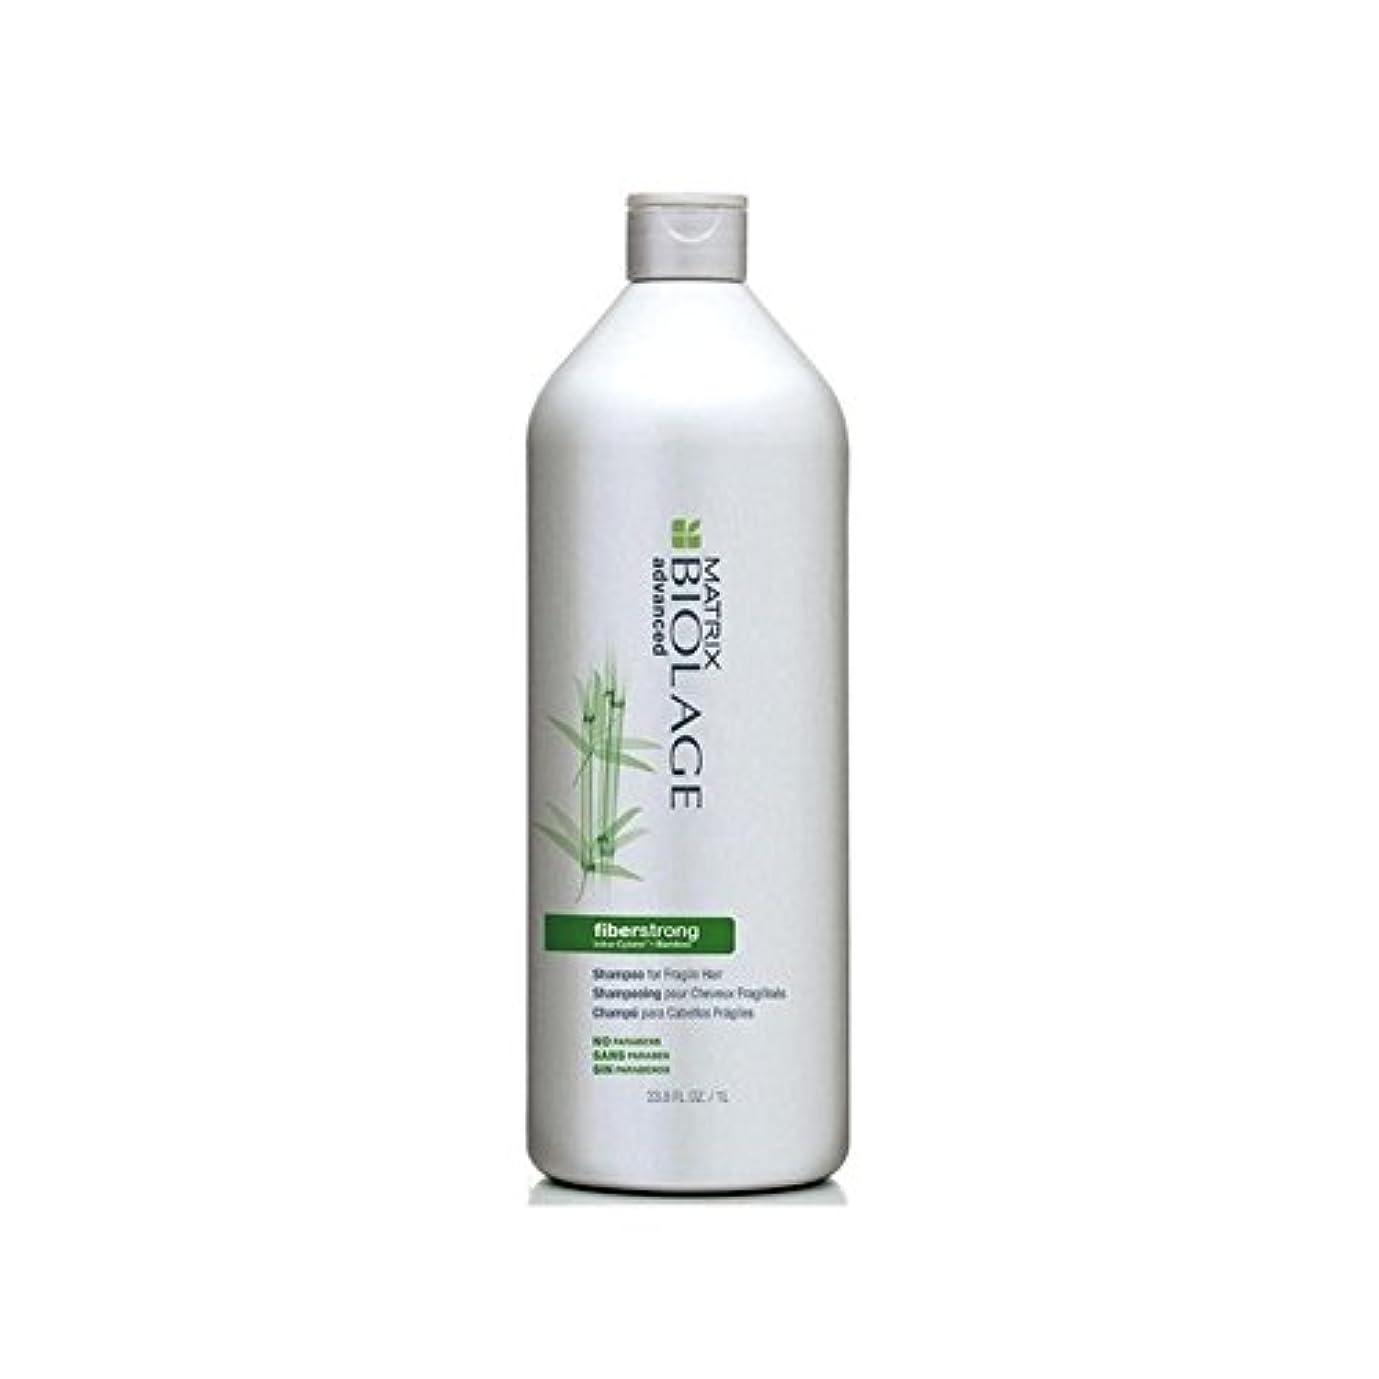 優雅苦悩有彩色のポンプを有するマトリックスバイオレイジのシャンプー(千ミリリットル) x2 - Matrix Biolage Fiberstrong Shampoo (1000ml) With Pump (Pack of 2) [並行輸入品]